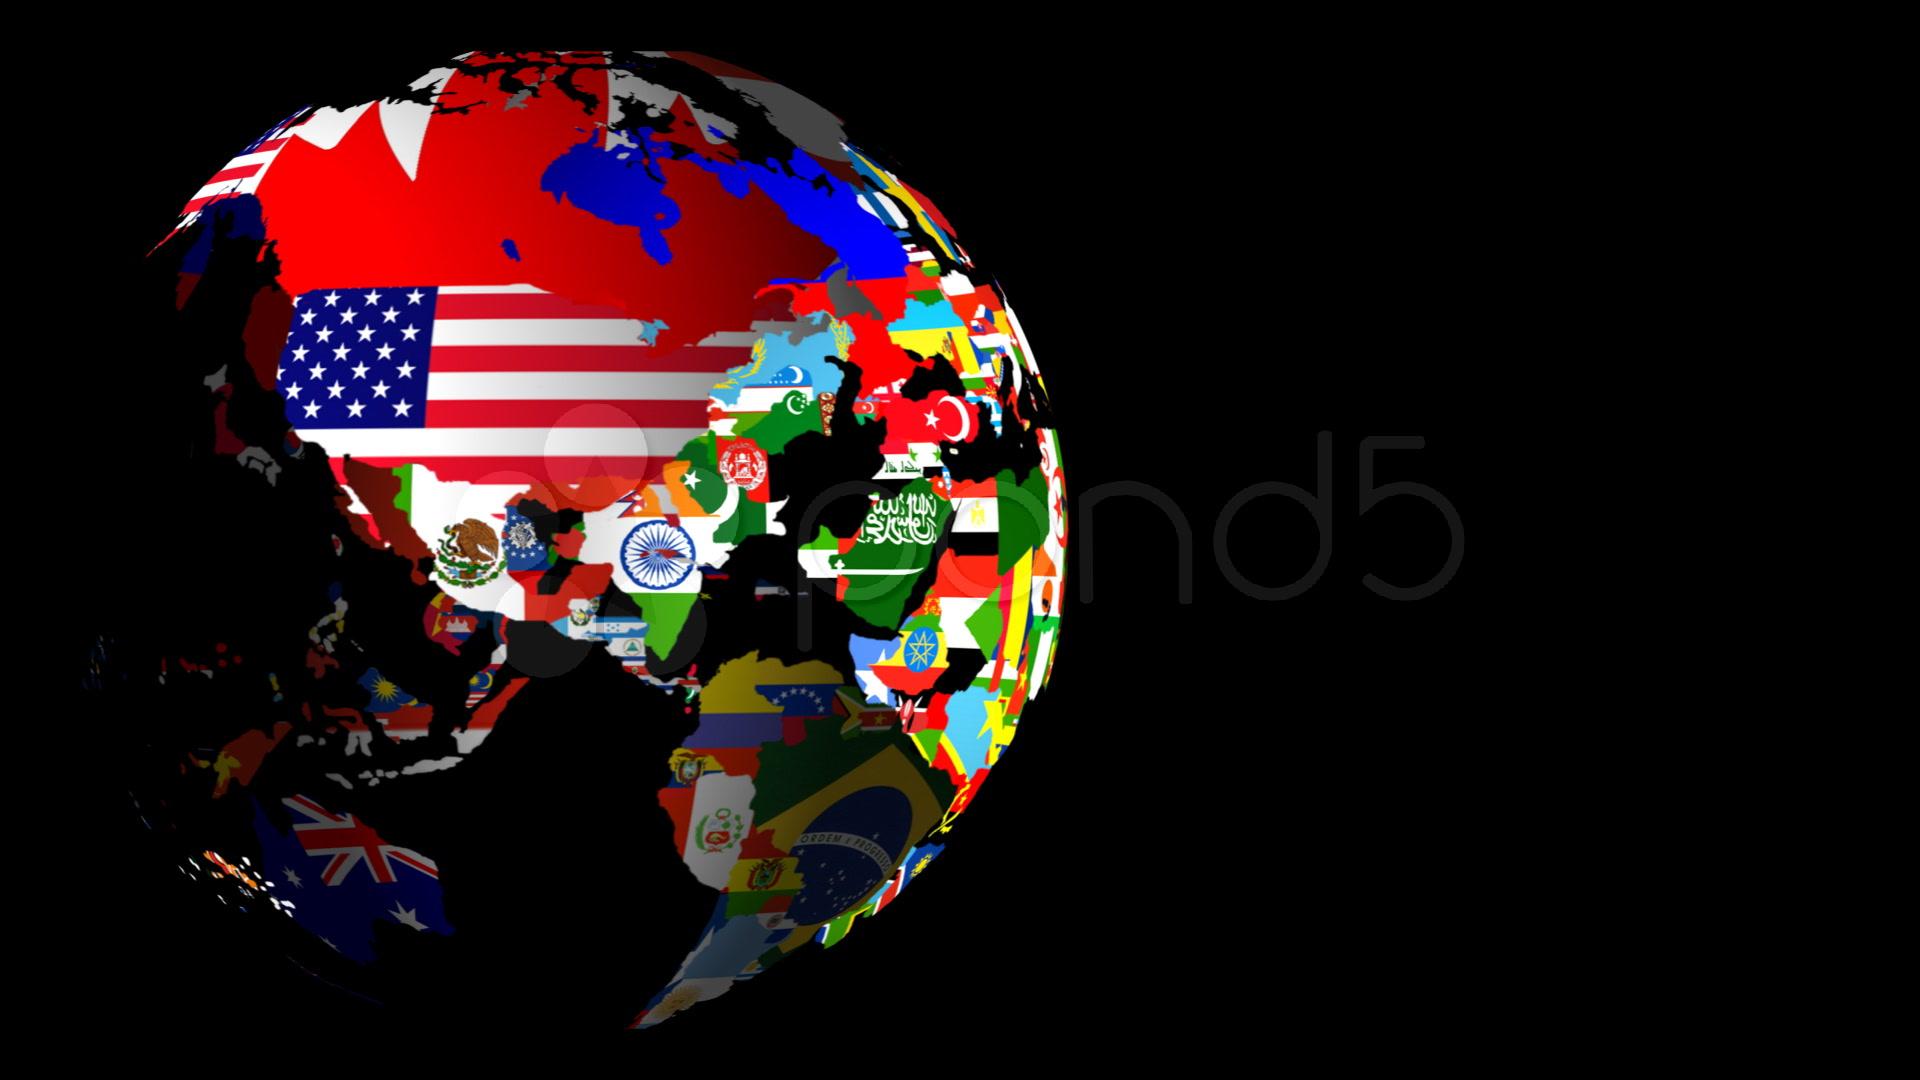 HD Spinning World Flag Globe (Left to Right) Matt & Fill ...